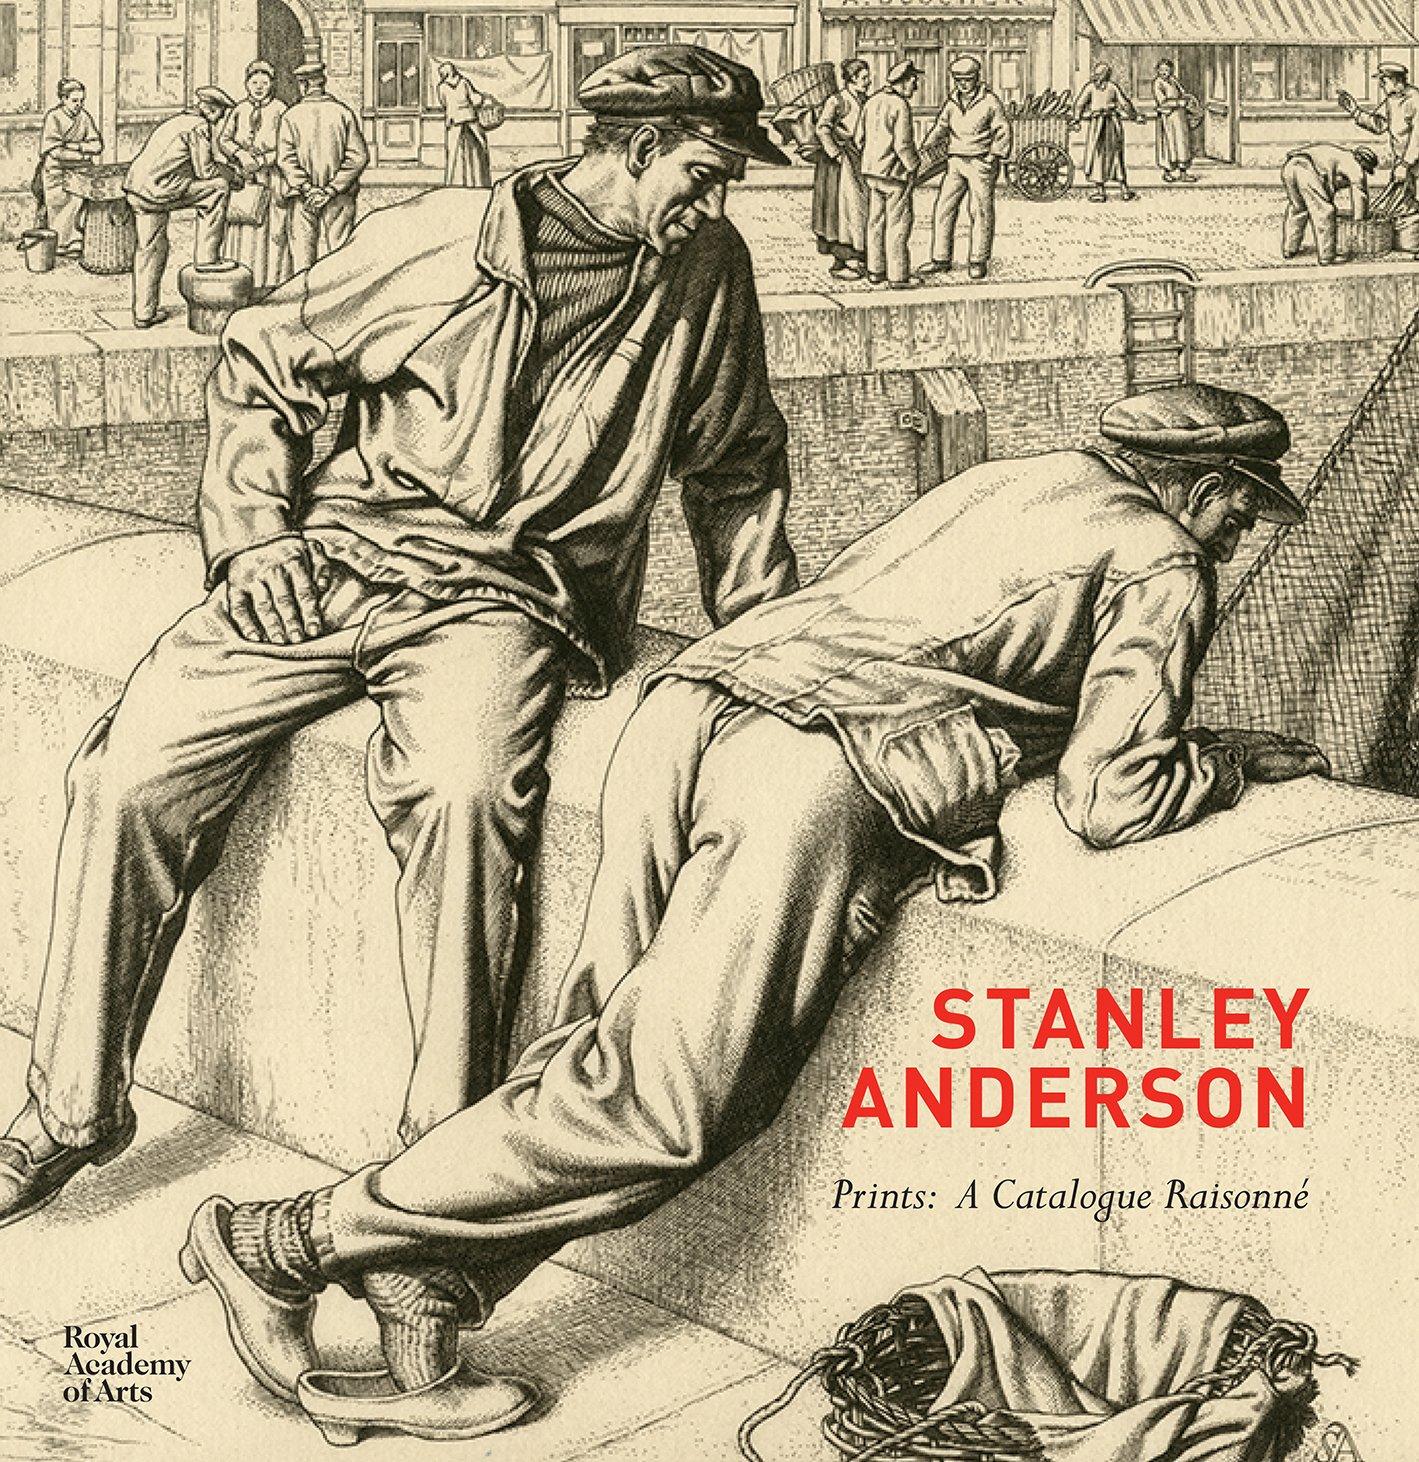 Stanley Anderson: Prints: a Catalogue Raisonne